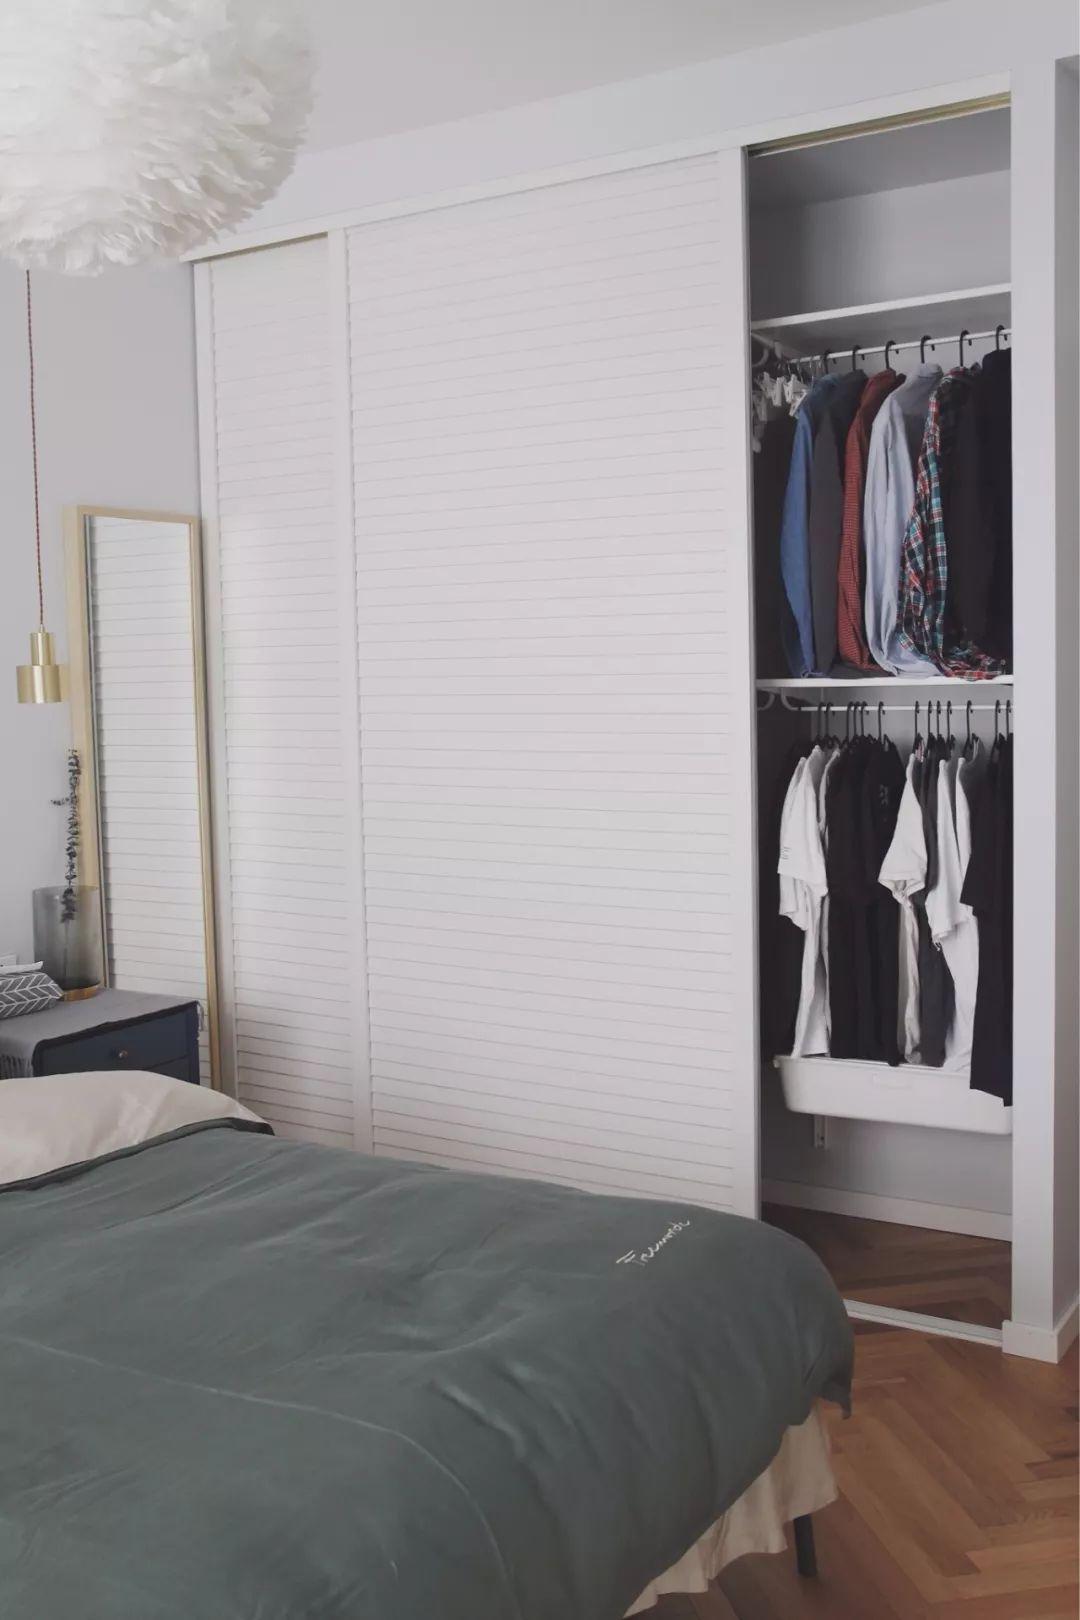 衣柜要不要做到顶?看完恍然大悟,做出了选择